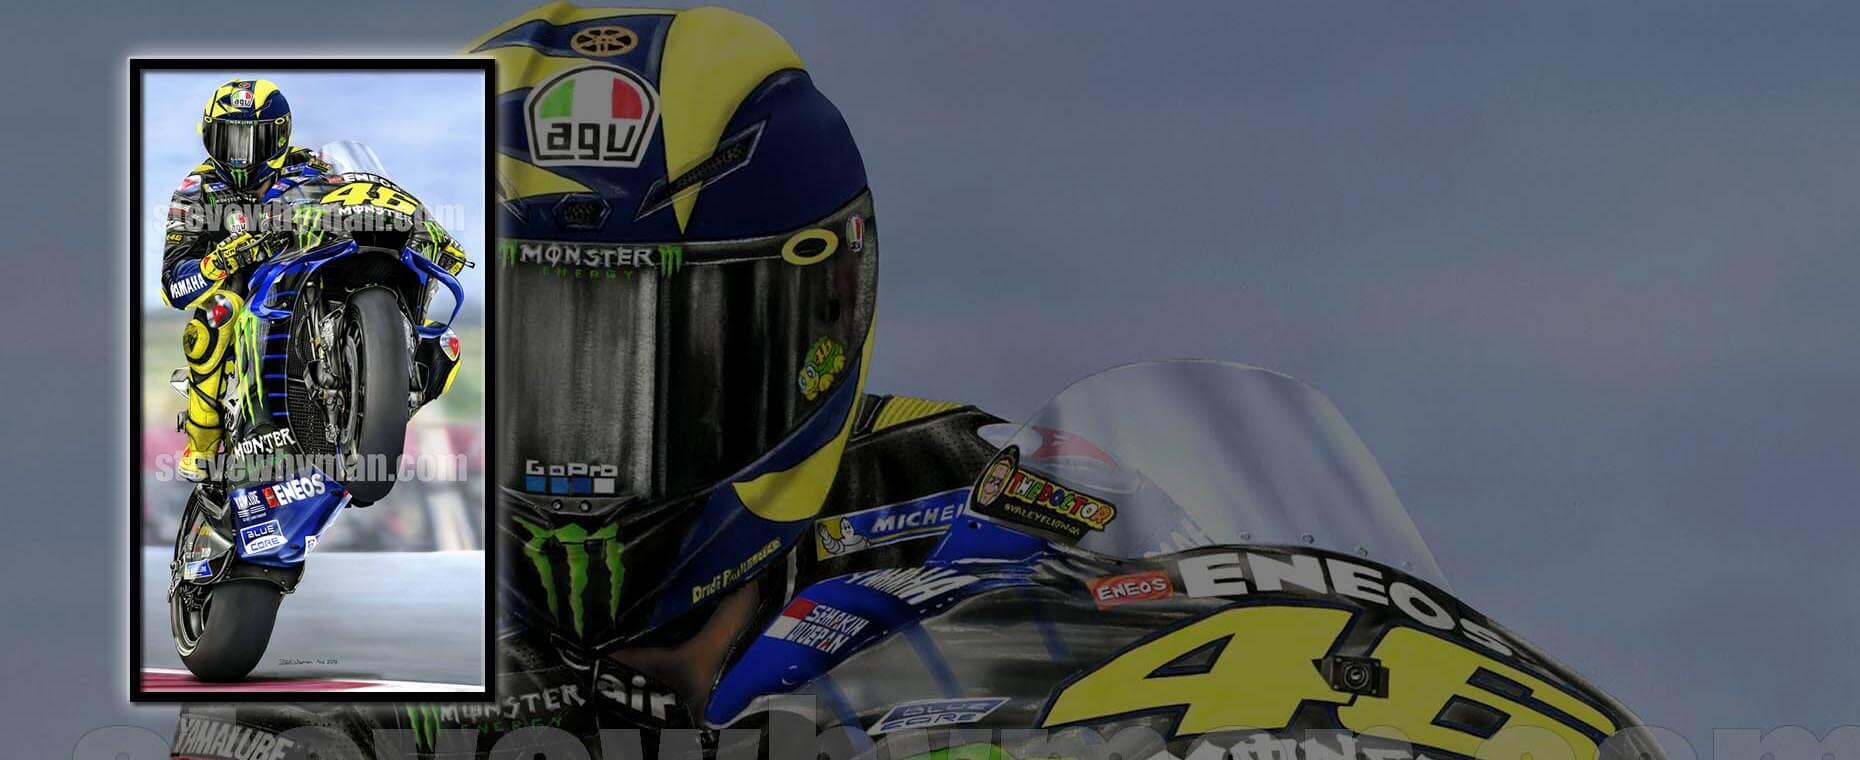 Moto GP paintings